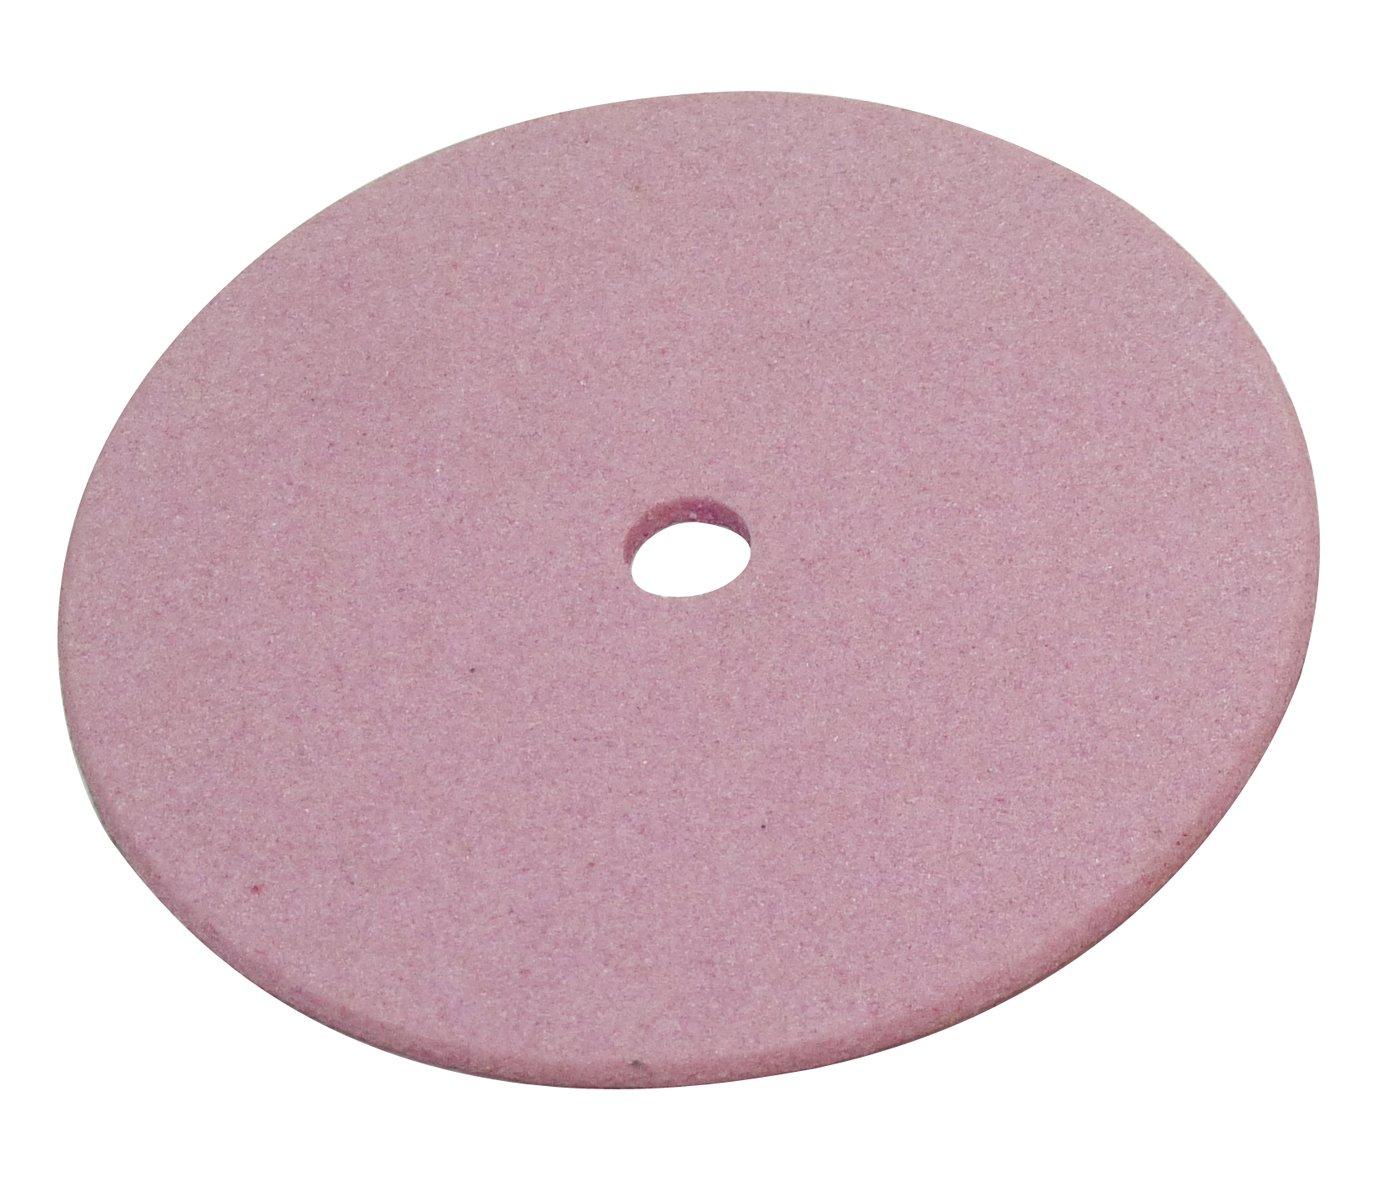 Fartools 175810 Schleifstein 4, 5 mm x Durchmesser 100 mm fü r 220 W Kette Grinder